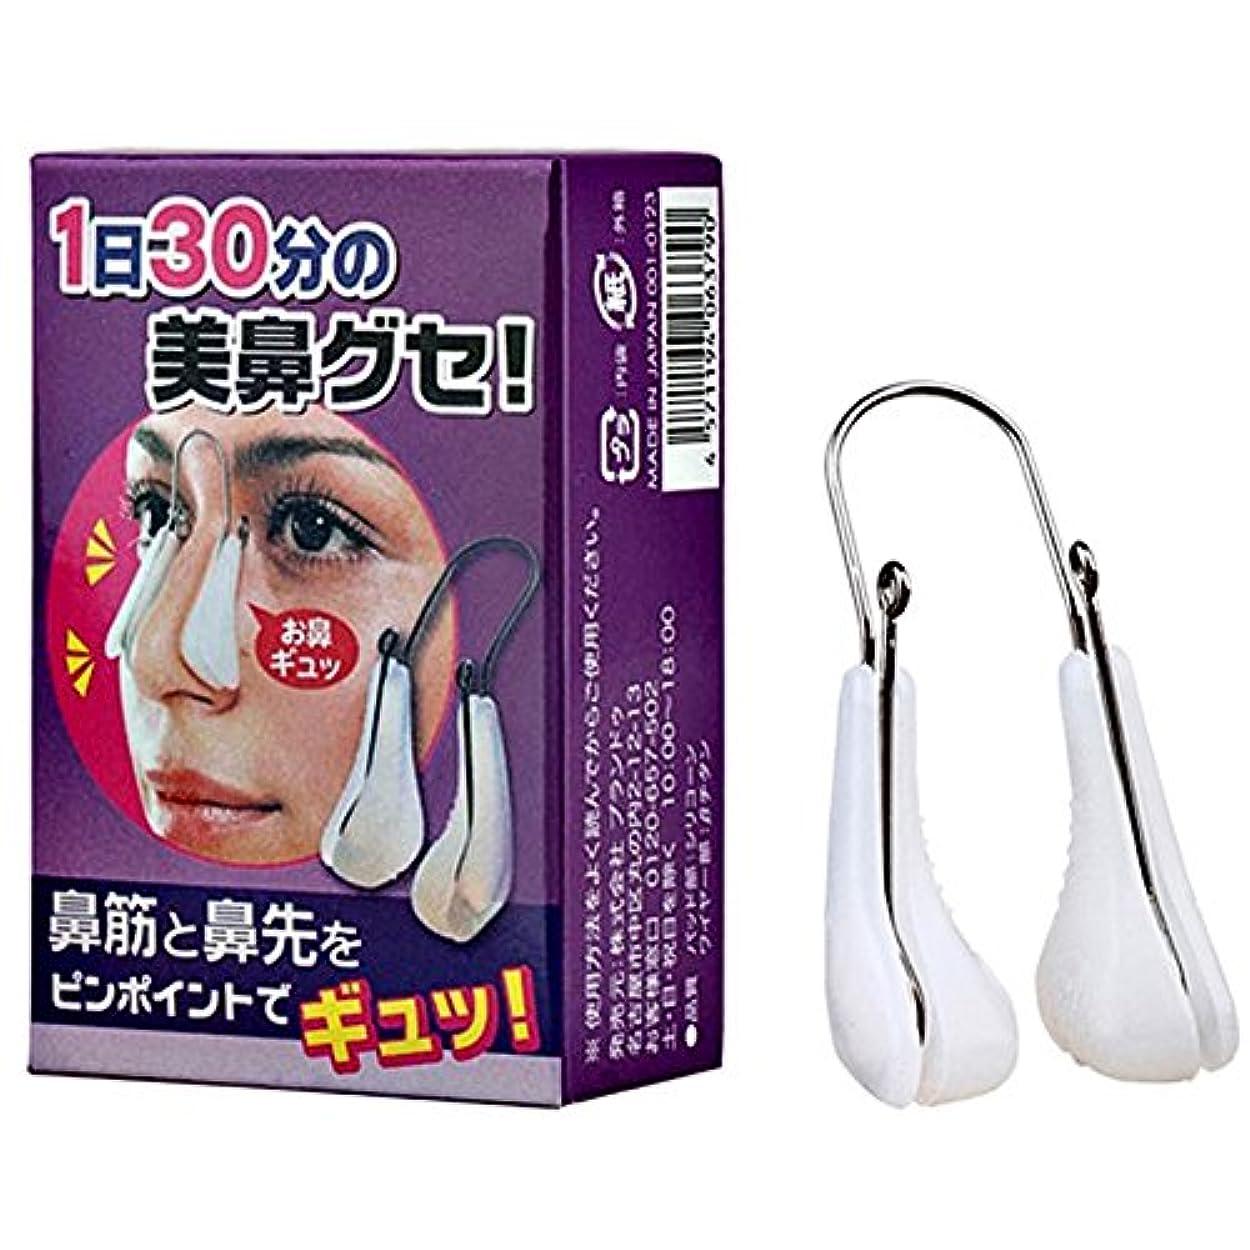 すみません暴動主婦鼻筋ビューティー 鼻クリップ 鼻矯正 鼻美容 1日30分 美鼻ケア